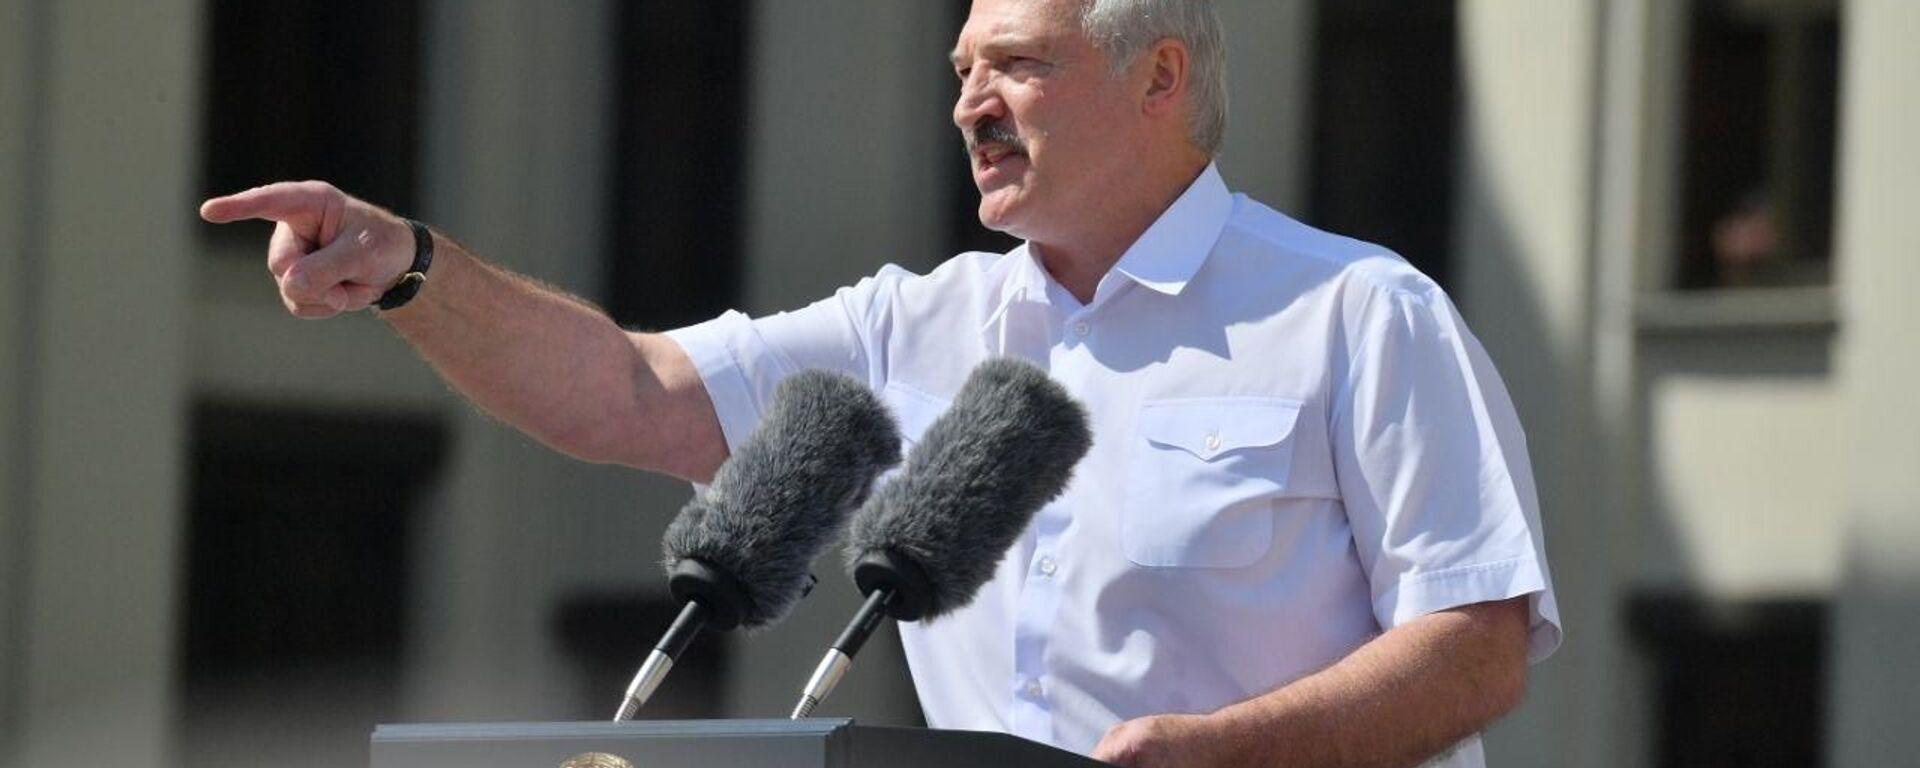 Александр Лукашенко выступает перед сторонниками на площади Независимости - Sputnik Латвия, 1920, 22.08.2020